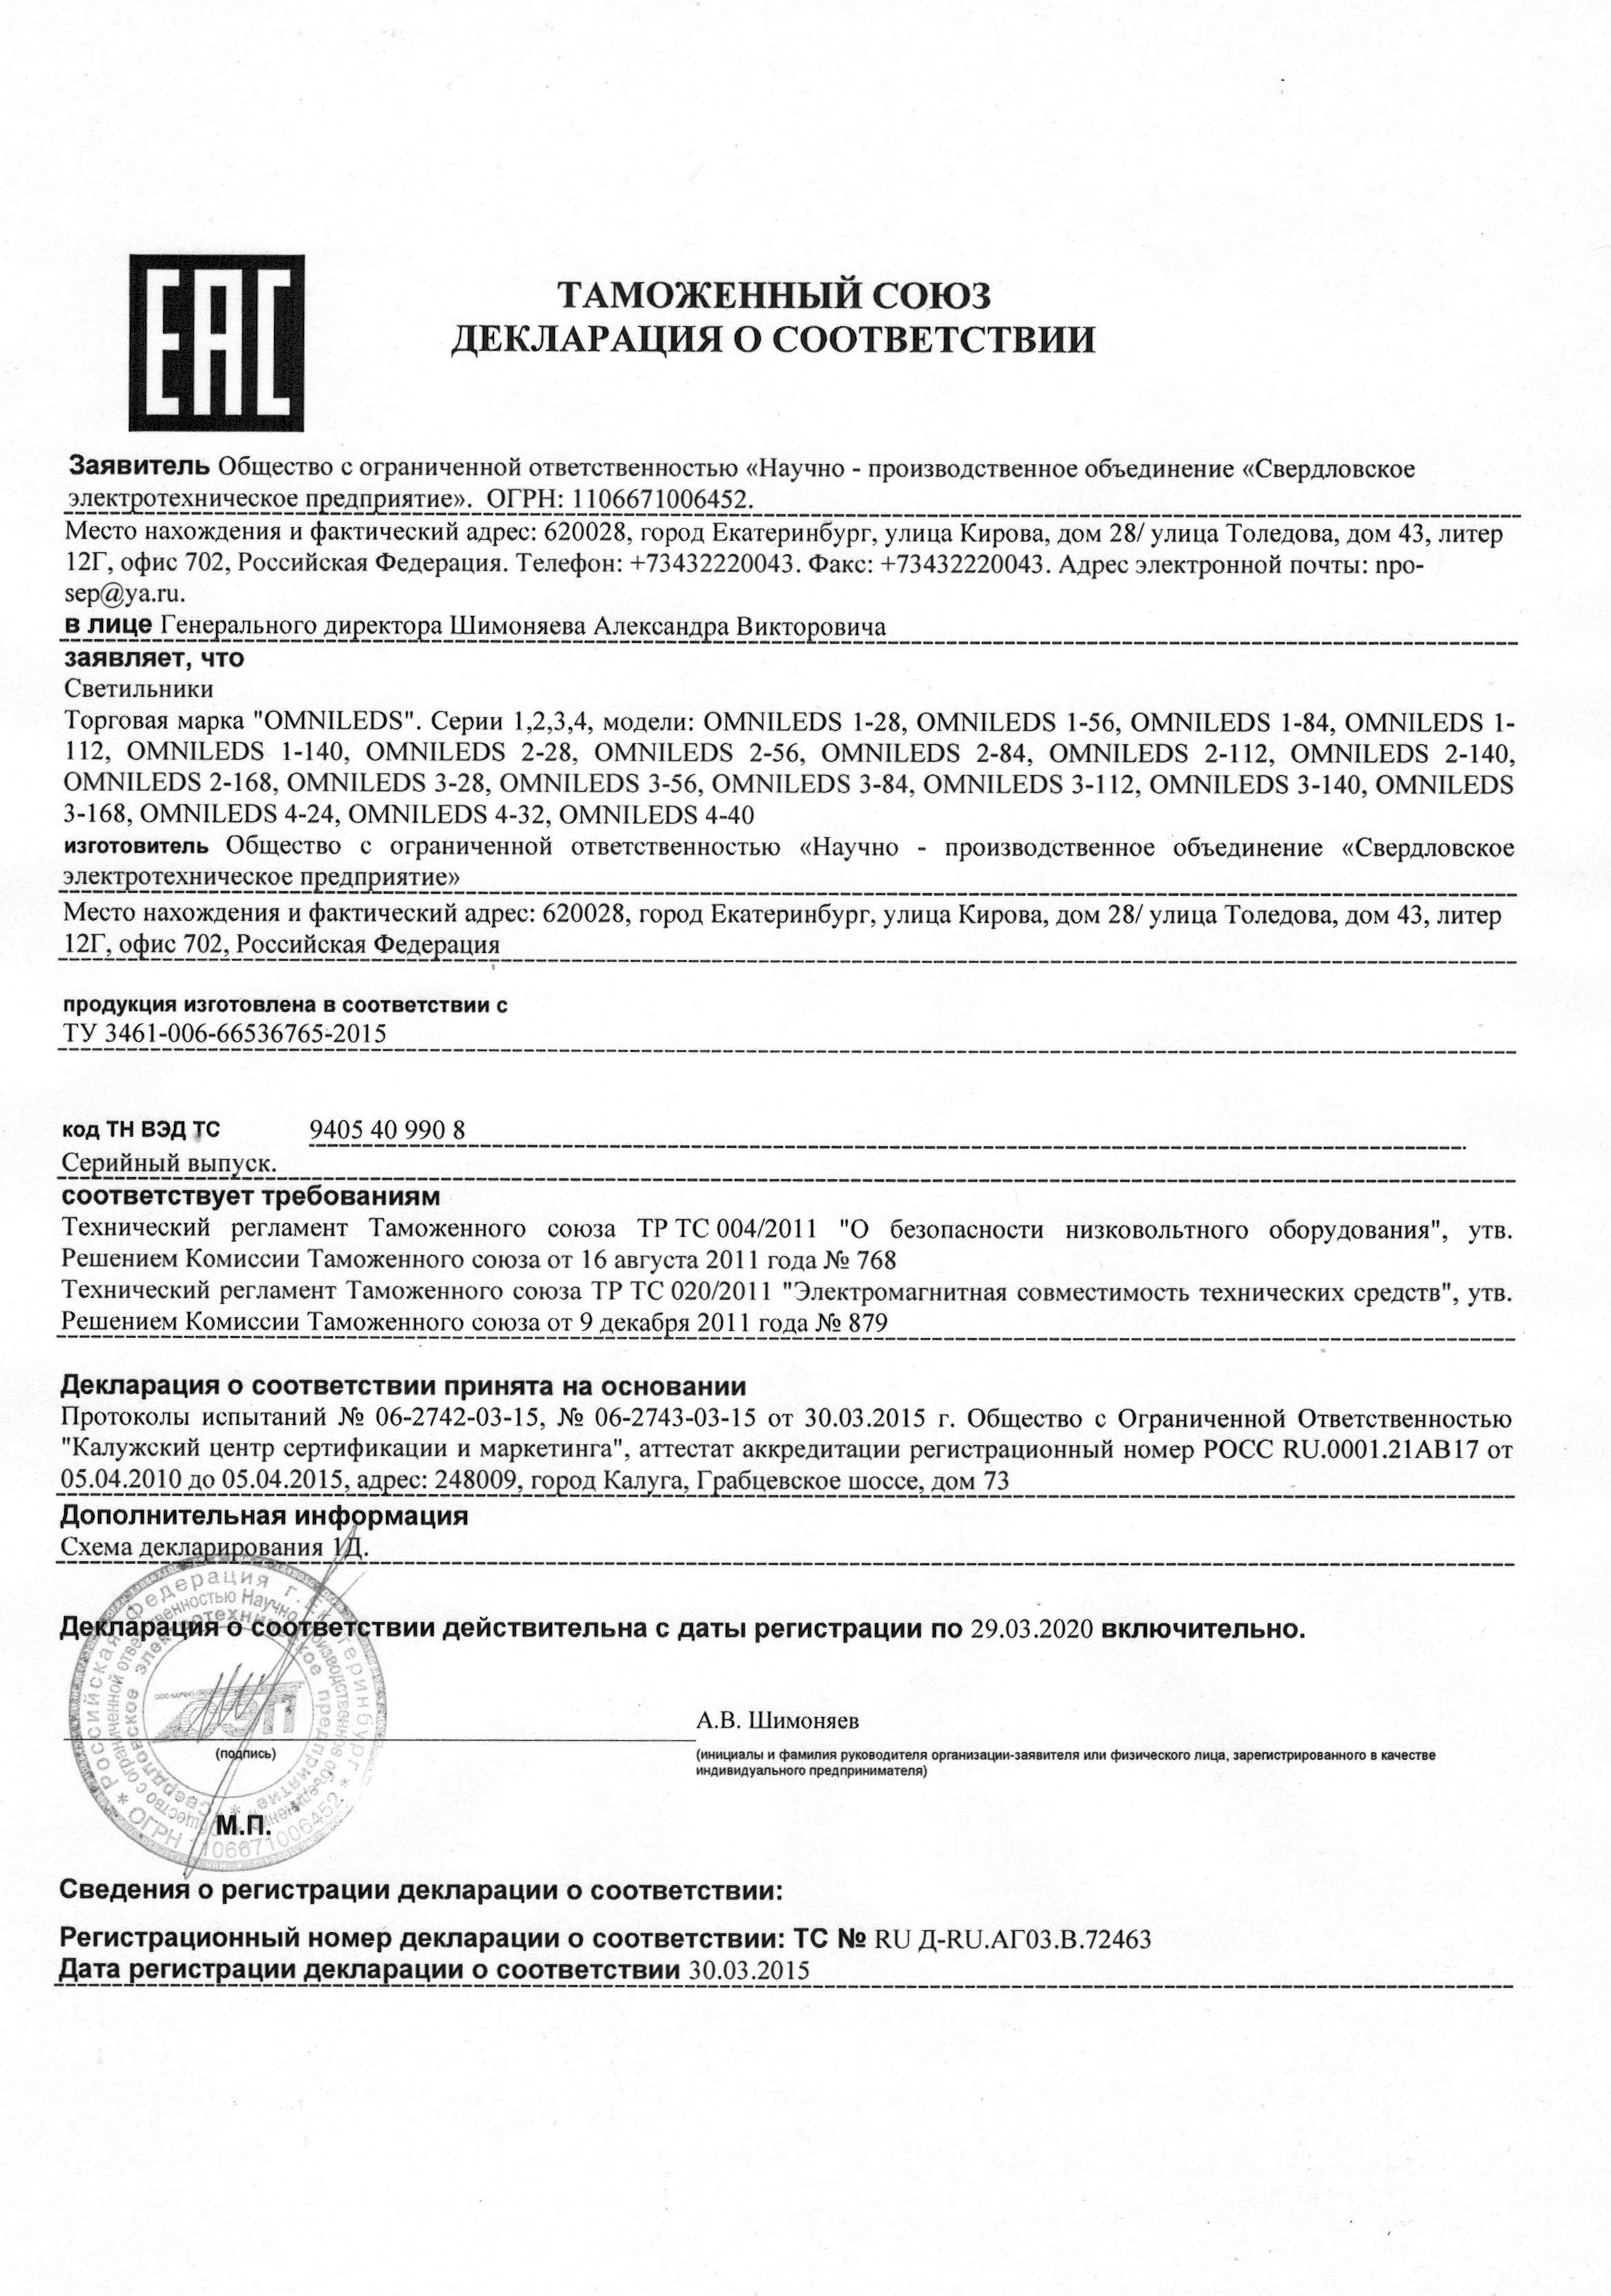 file/sertefikati/omnileds_tamozhennij_soyuz.jpg